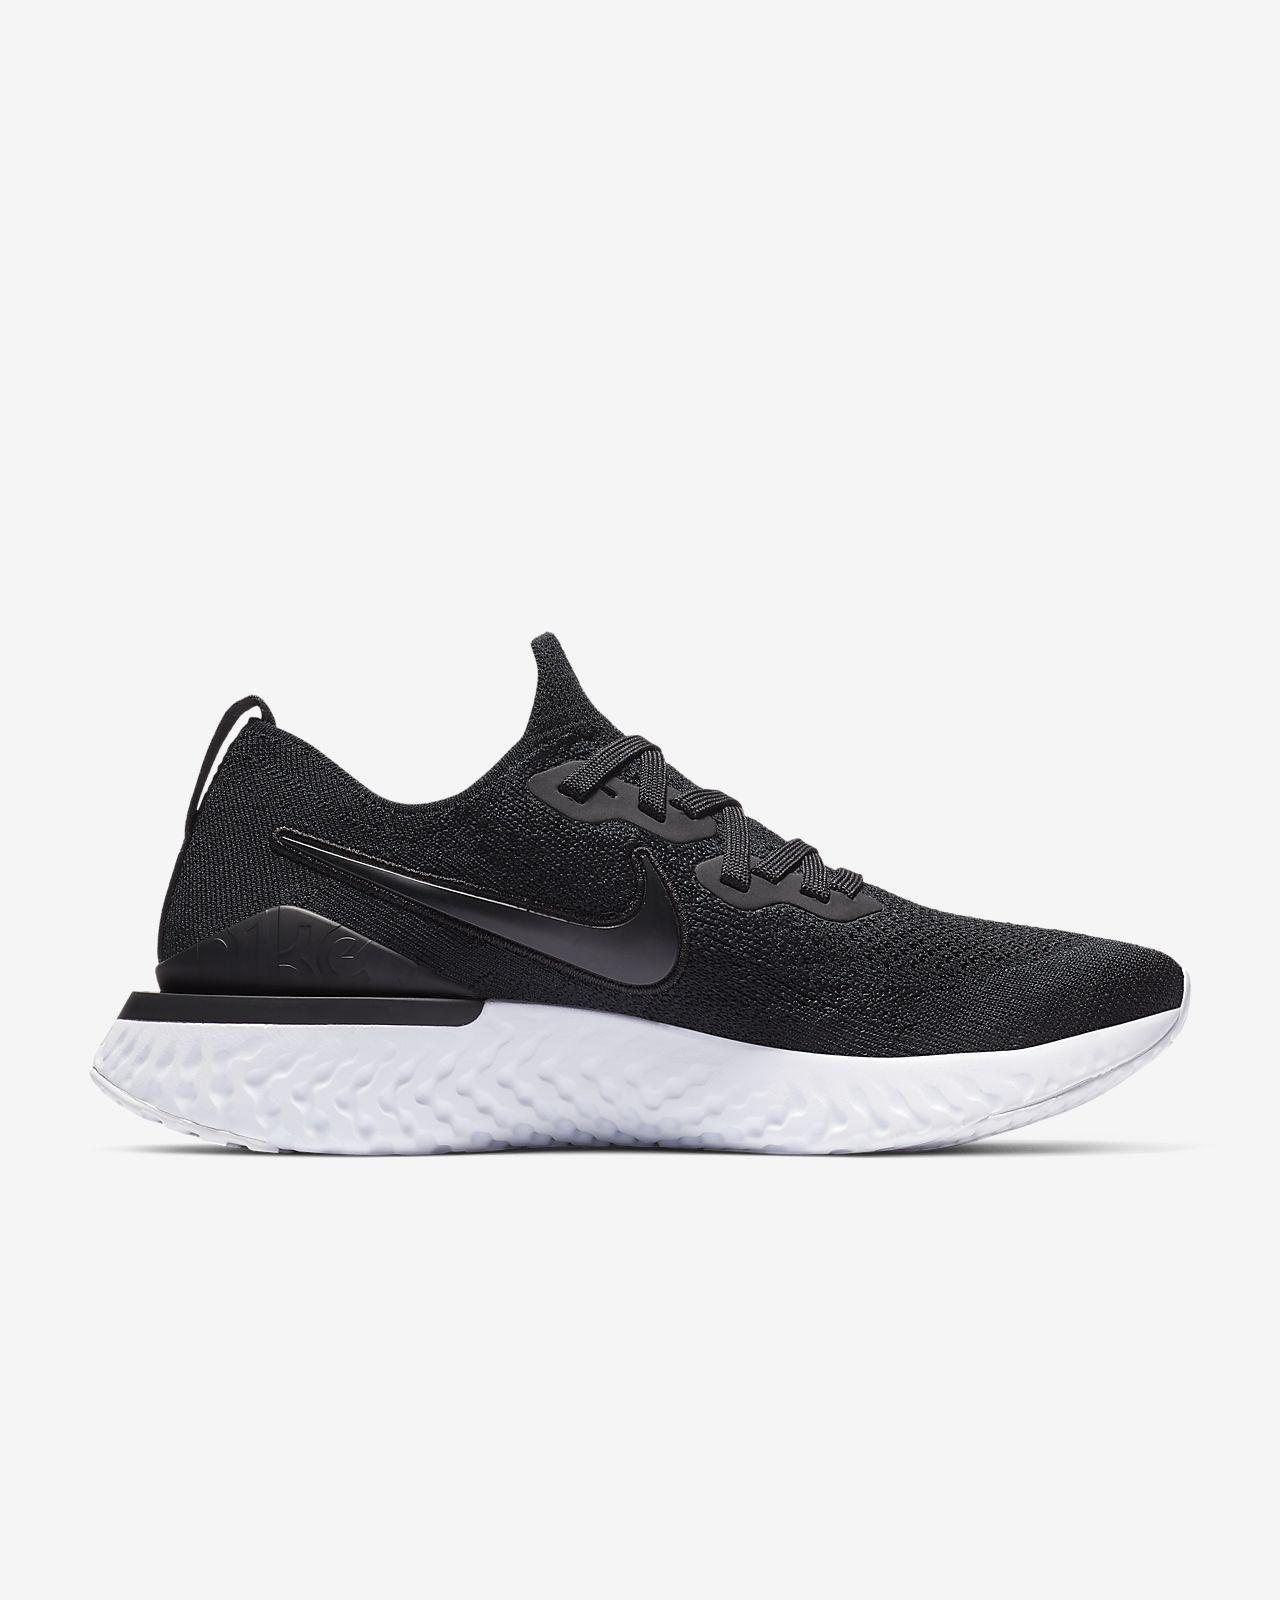 d9d8b2055b51f Nike Epic React Flyknit 2 Women s Running Shoe. Nike.com DK